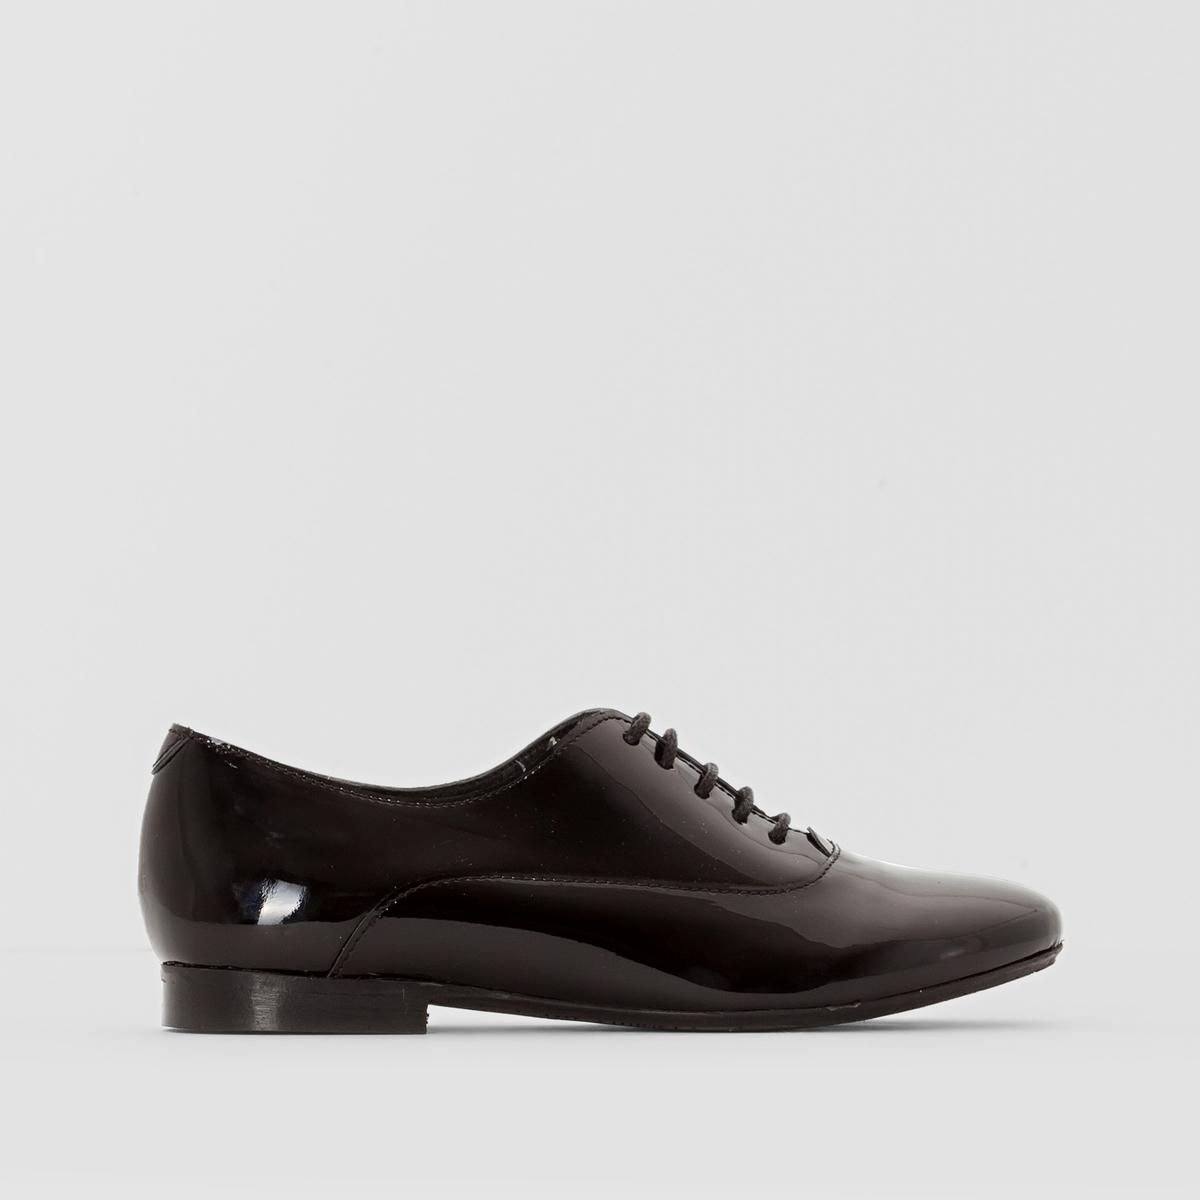 Ботинки дерби ANNEПодкладка : кожа          Стелька  : кожа          Подошва : Каучук.   Форма каблука : плоский каблук         Мысок : закругленный          Застежка : Шнуровка         Преимущества : Марка детской обуви от фирмы JONAK<br><br>Цвет: черный/черный лак<br>Размер: 32